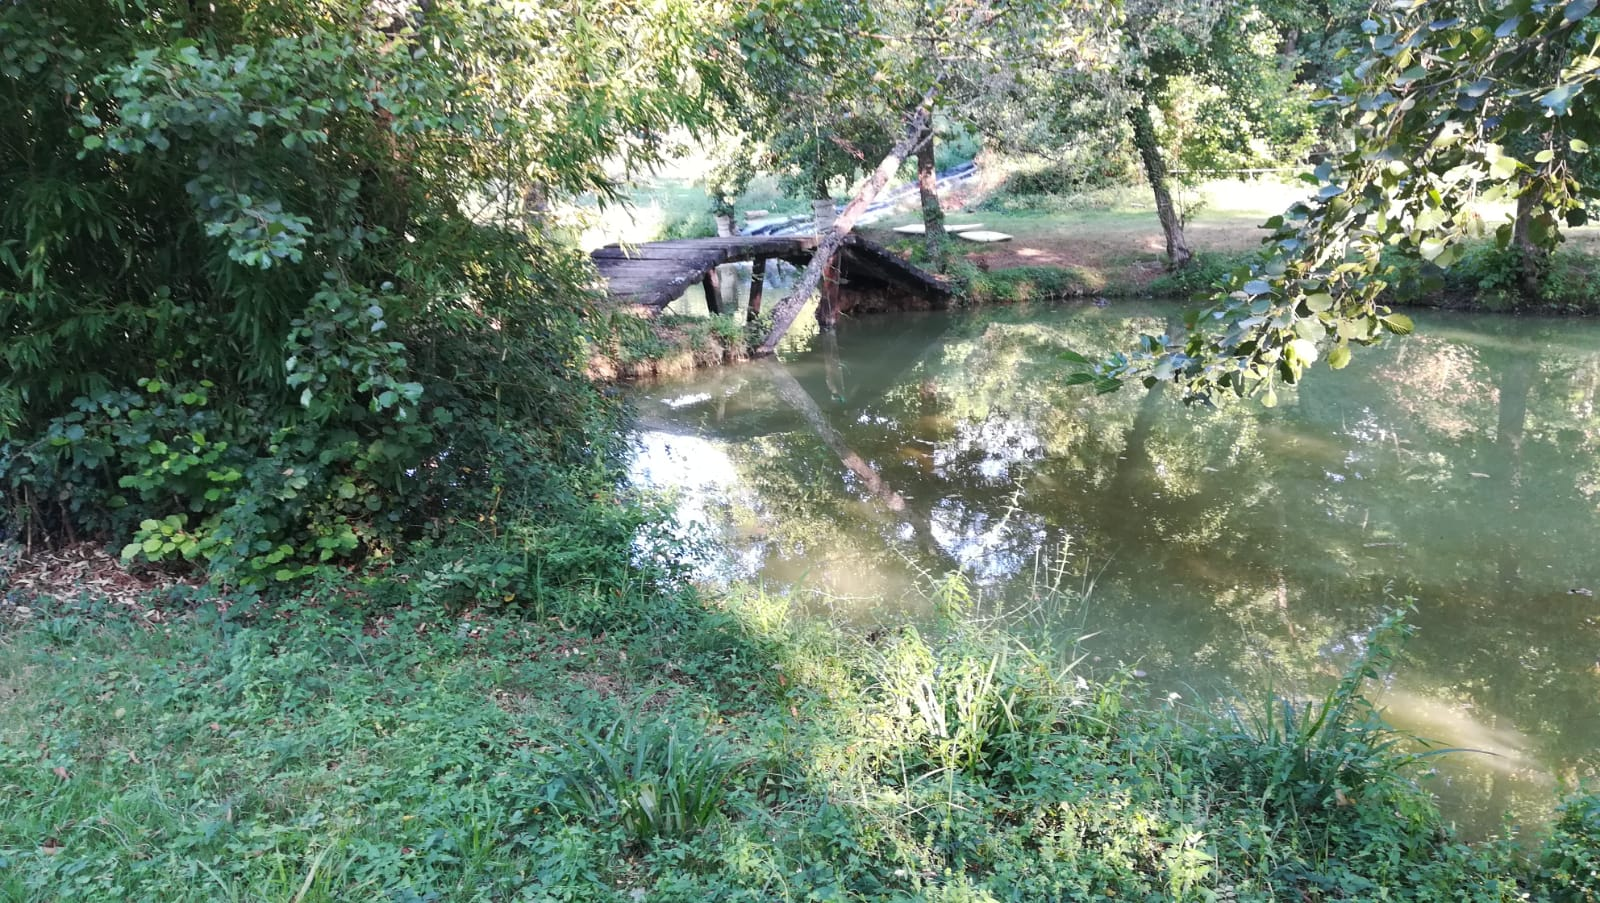 pont sur l'eau dans un bois